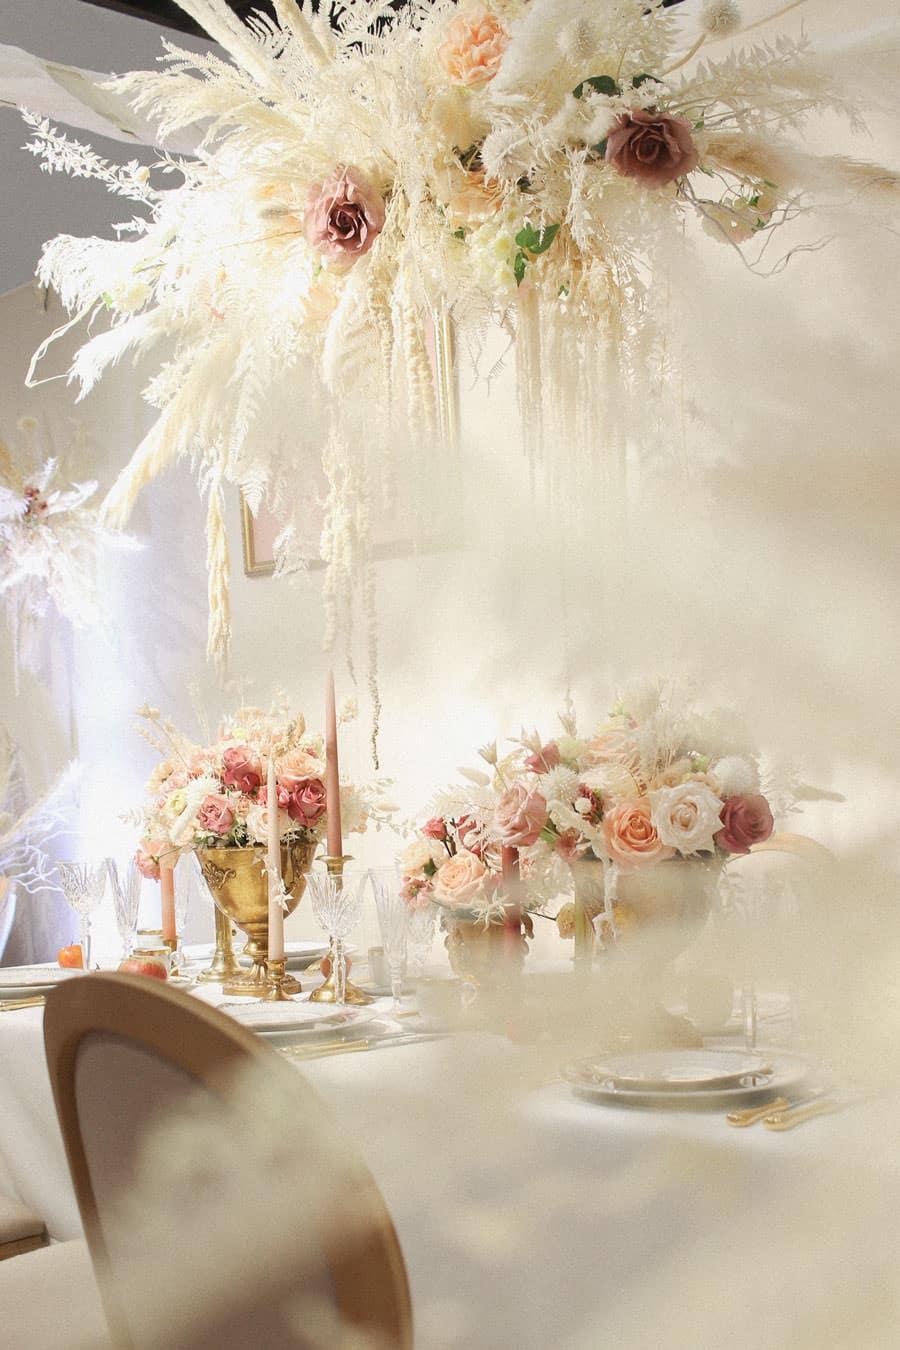 tendances florales mariage - salon du mariage atout coeur wedding